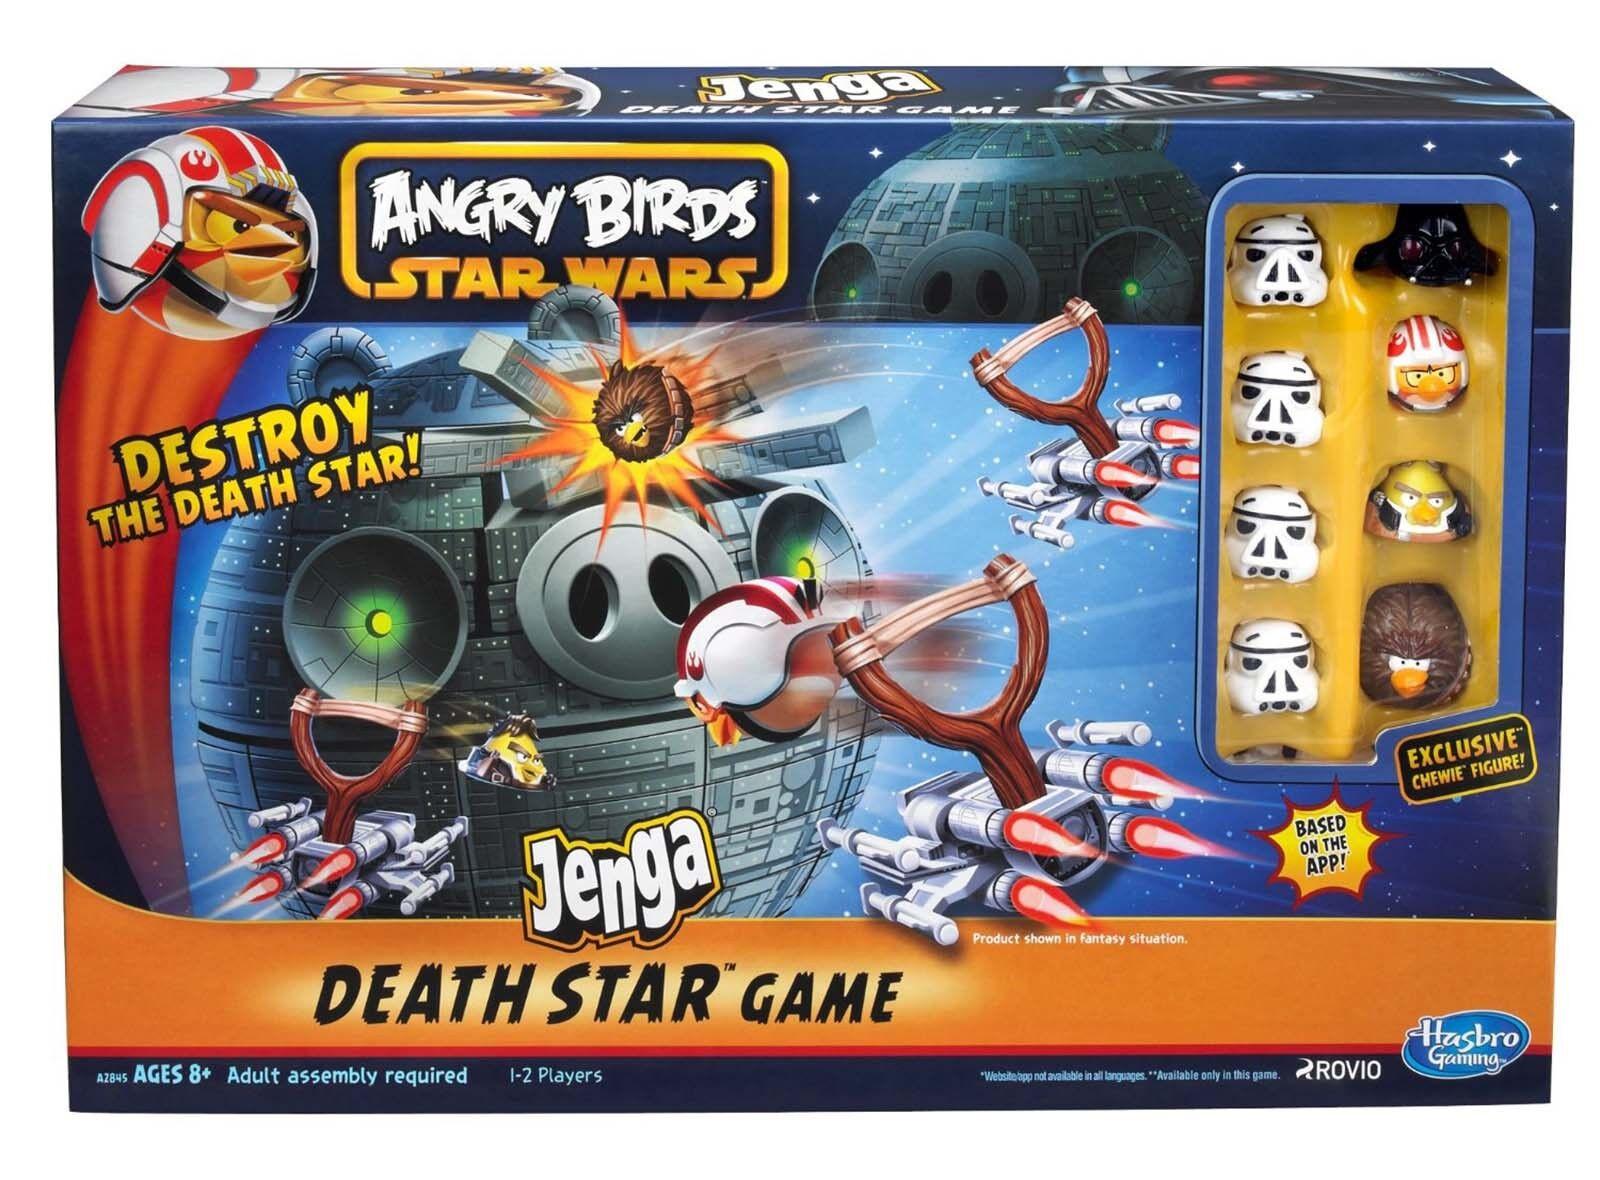 Angry birds star wars todesstern zerstören nein spiel spielzeug schweine kinder geschenk heiß